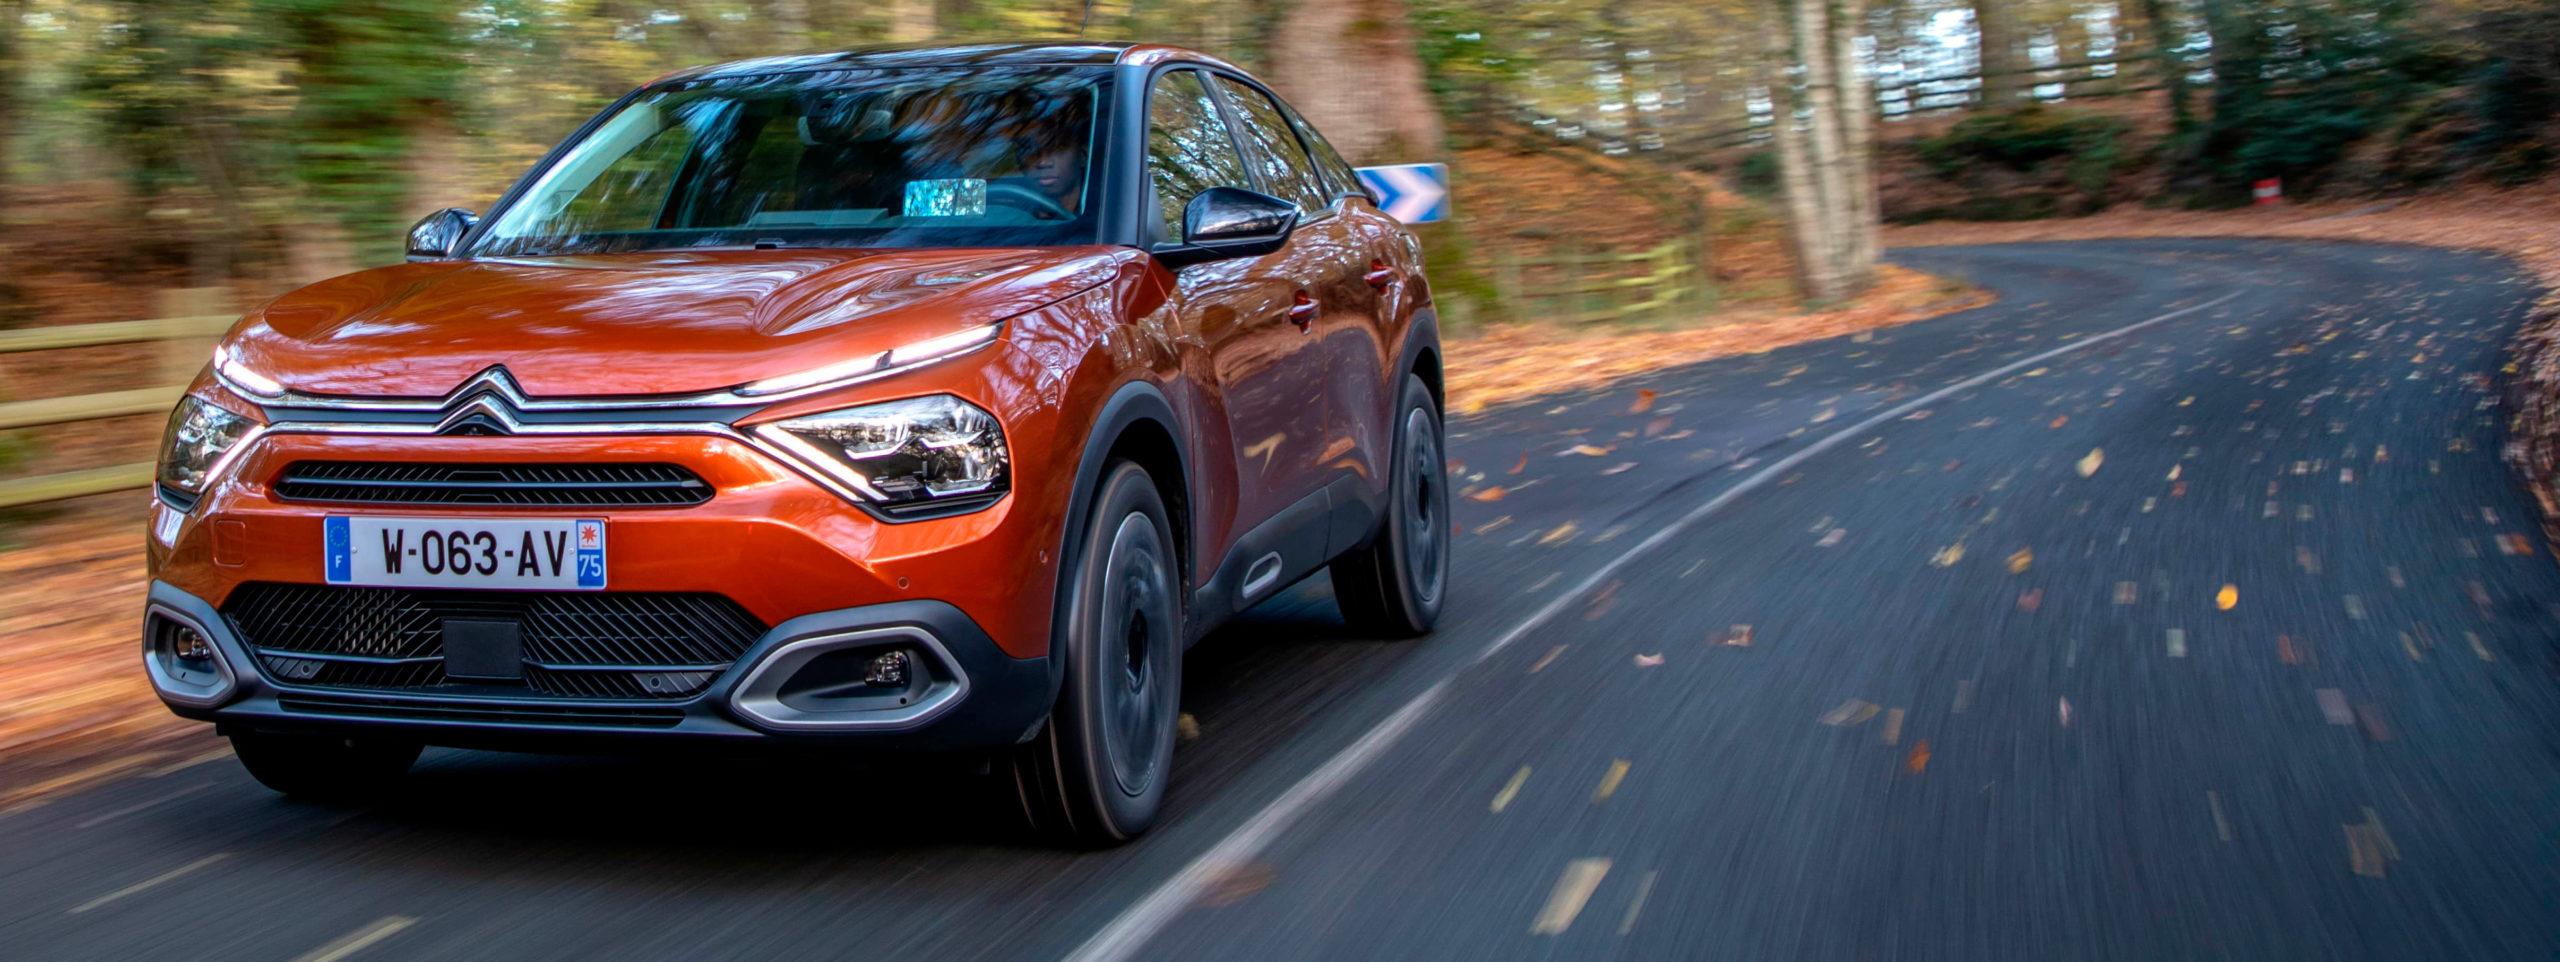 Nuevos motores más eficientes y prestacionales para el Citroën C4